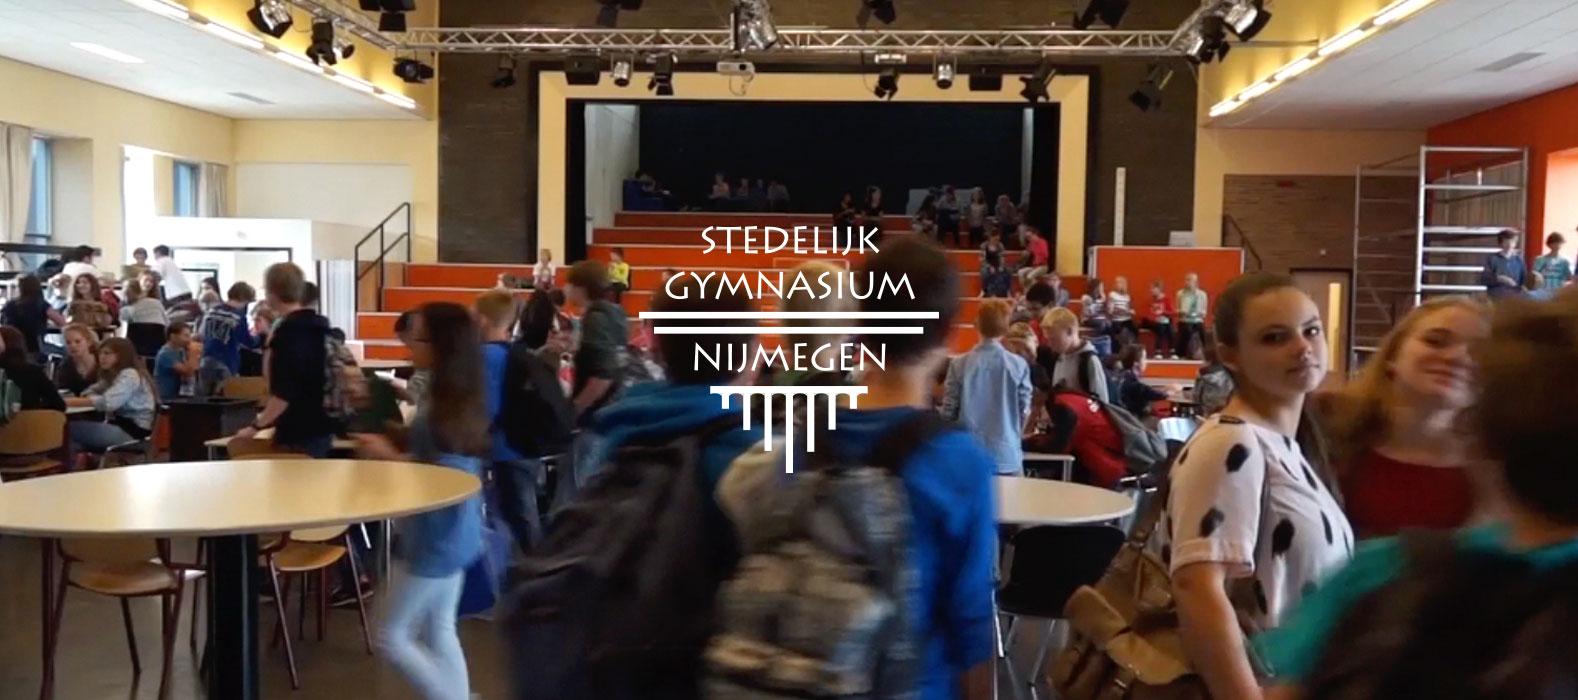 Een fraai plaatje bij Stedelijk Gymnasium Nijmegen